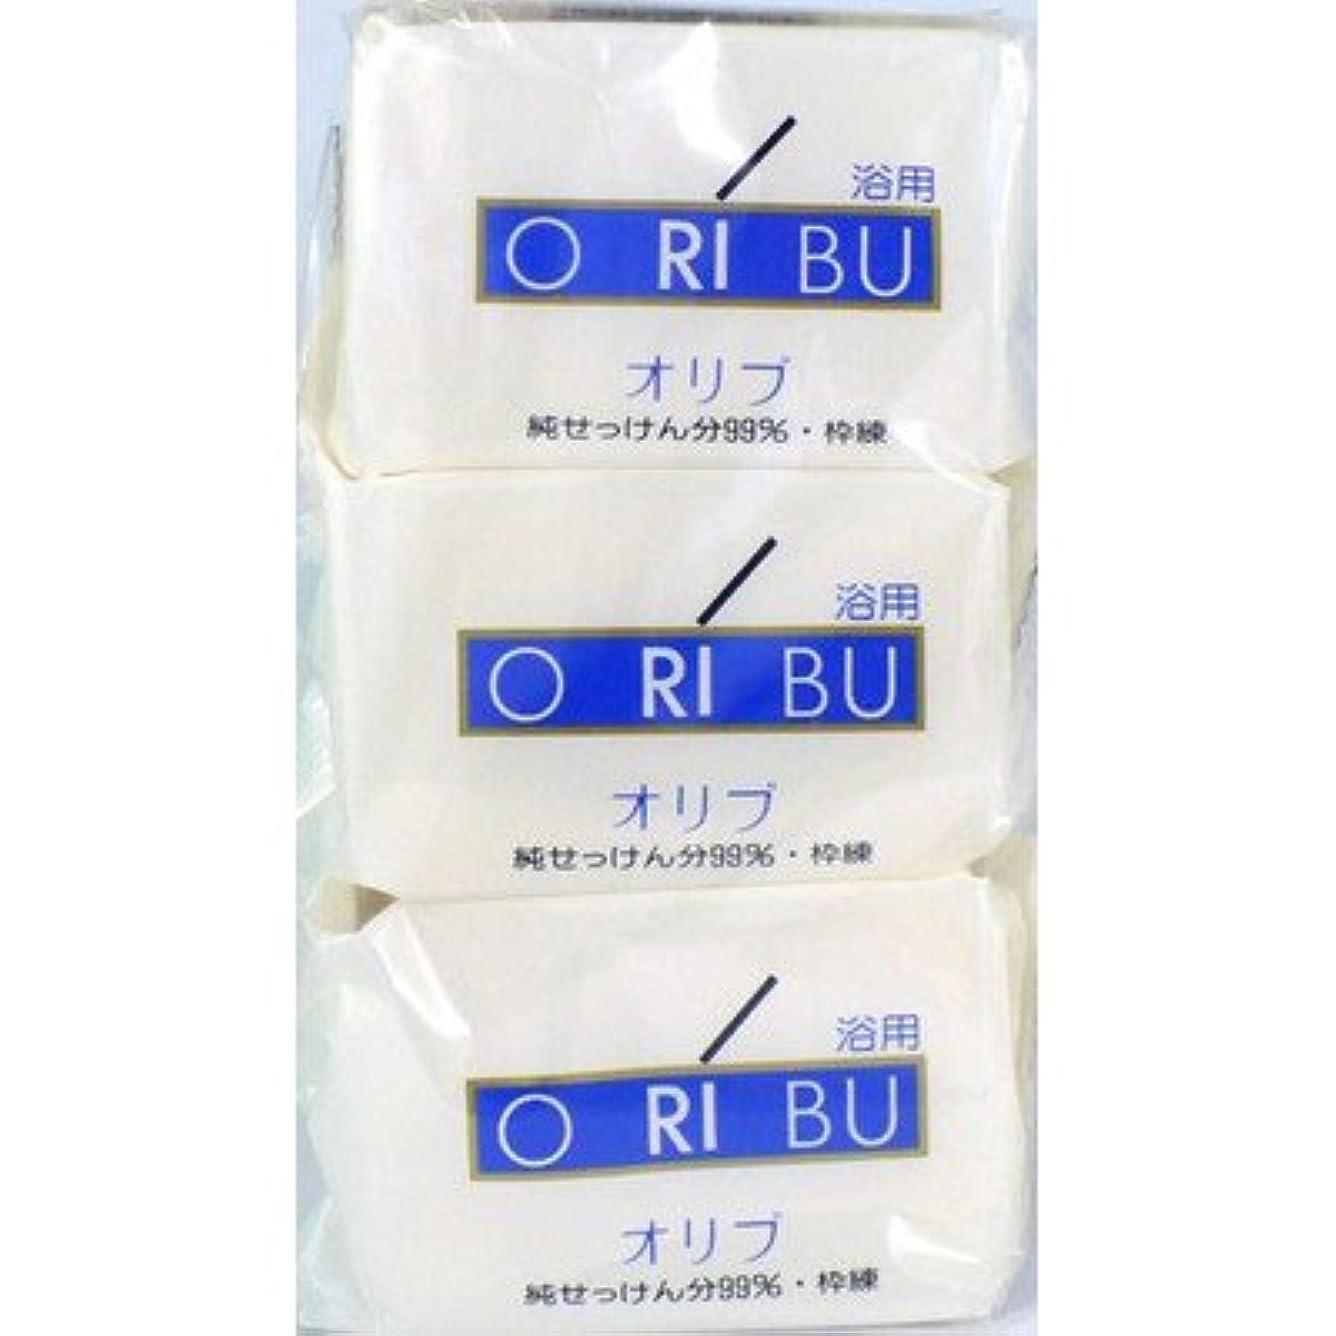 生まれ道徳の役に立たない暁石鹸 ORIBU オリブ 浴用石鹸 110g 3個入り